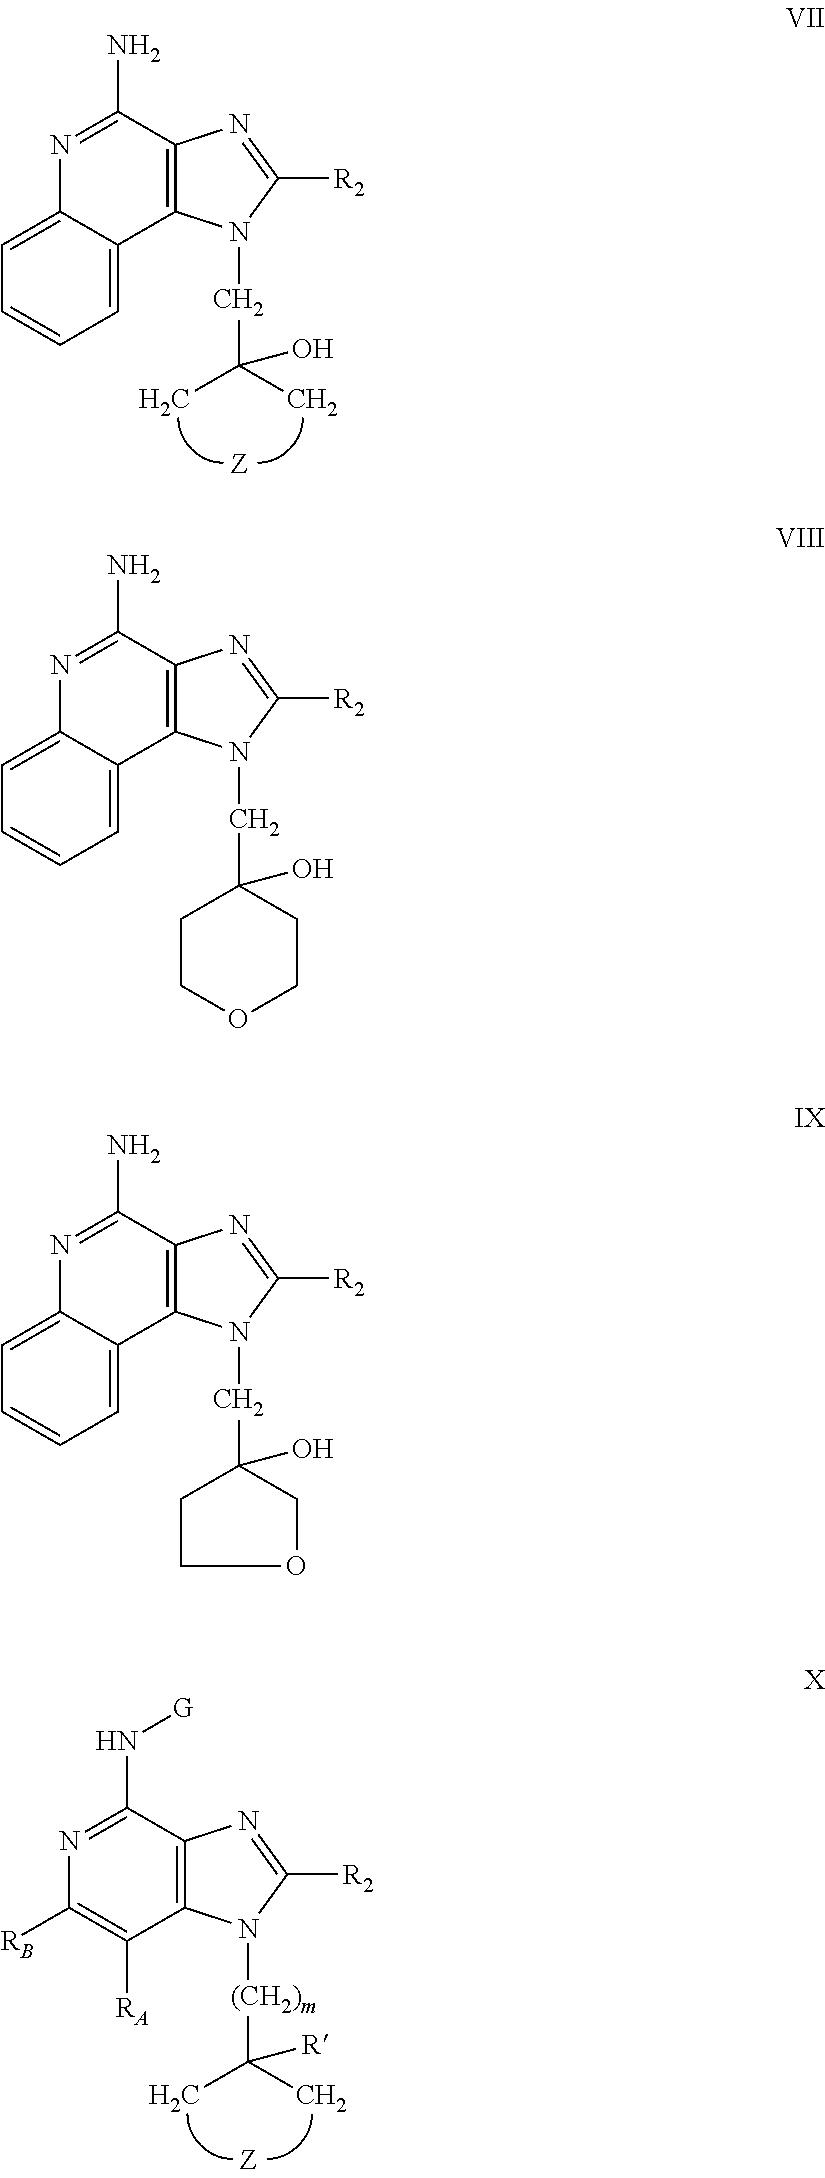 Figure US09938275-20180410-C00004